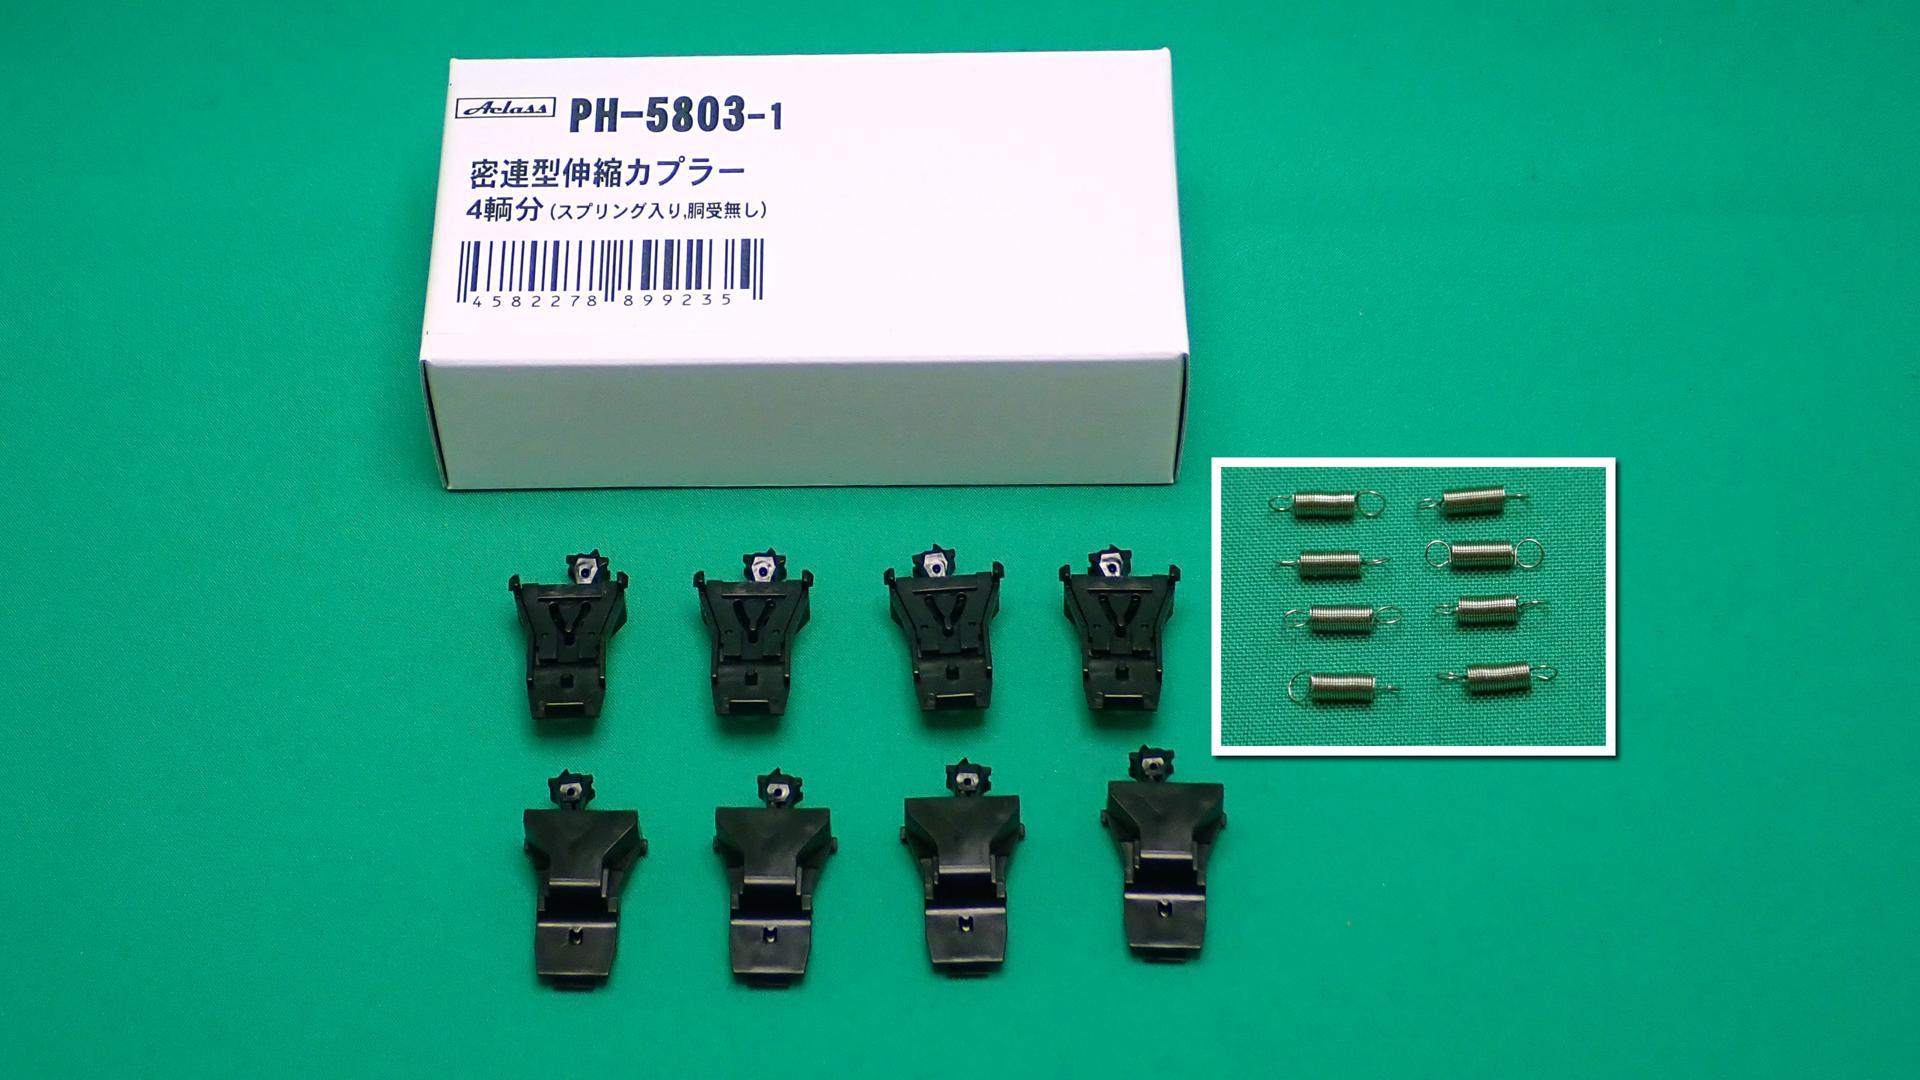 PH-5803-1 密連型伸縮カプラー4輌分(胴受無し)